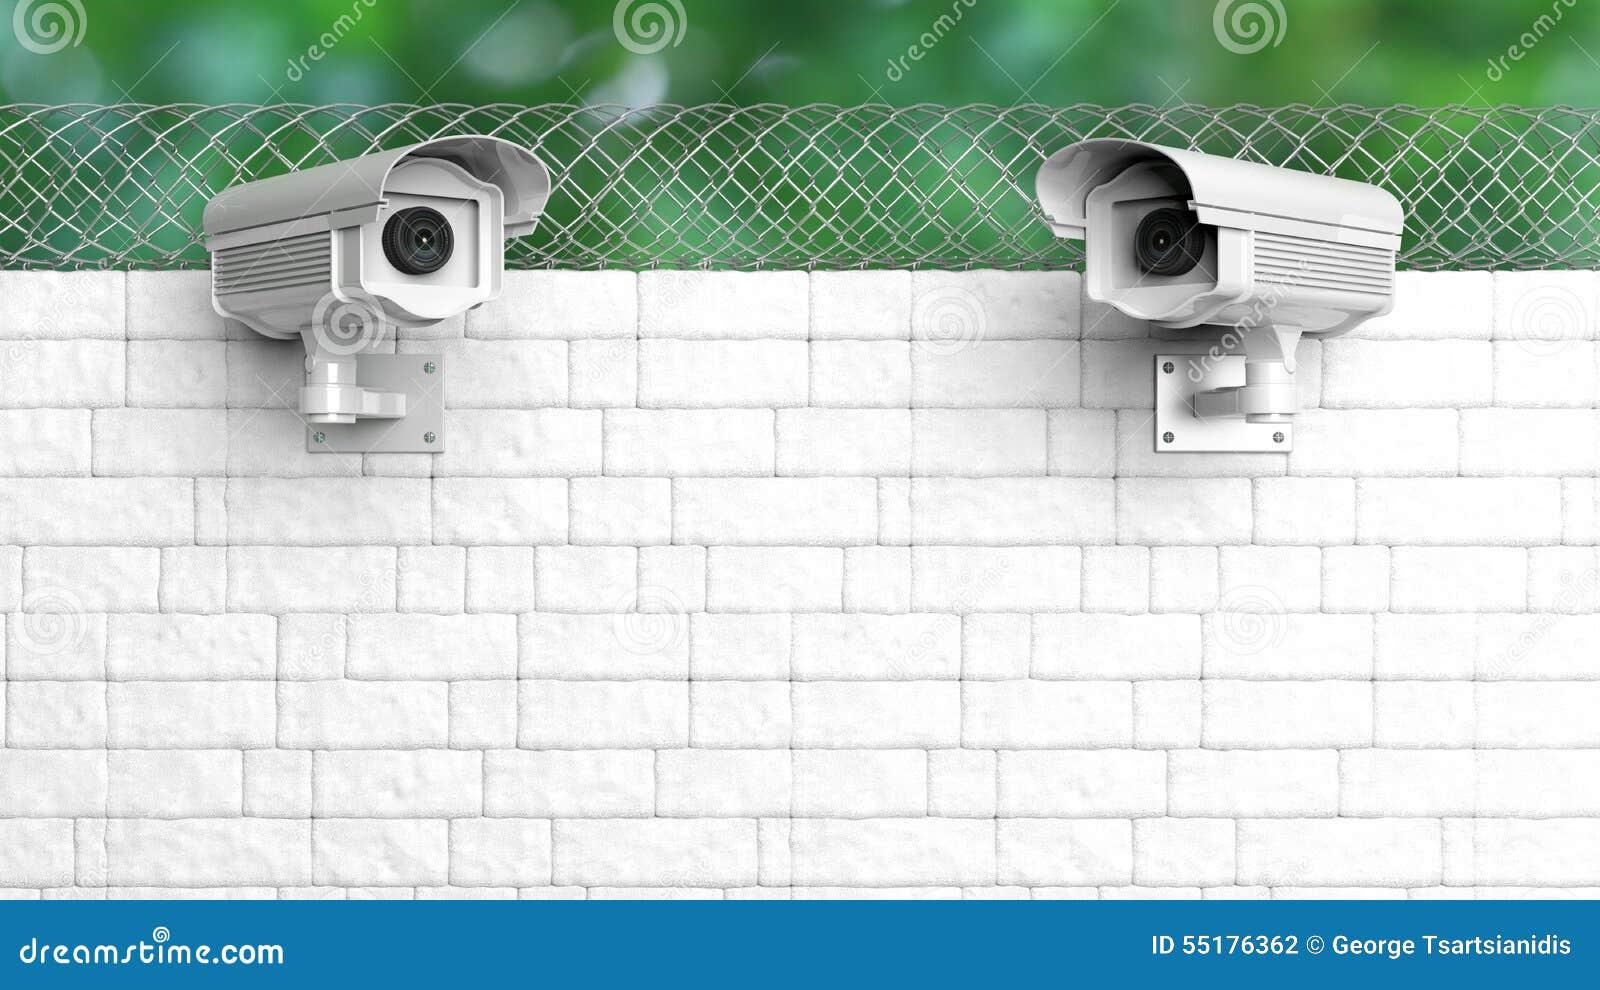 De camera van het veiligheidstoezicht op witte bakstenen muur